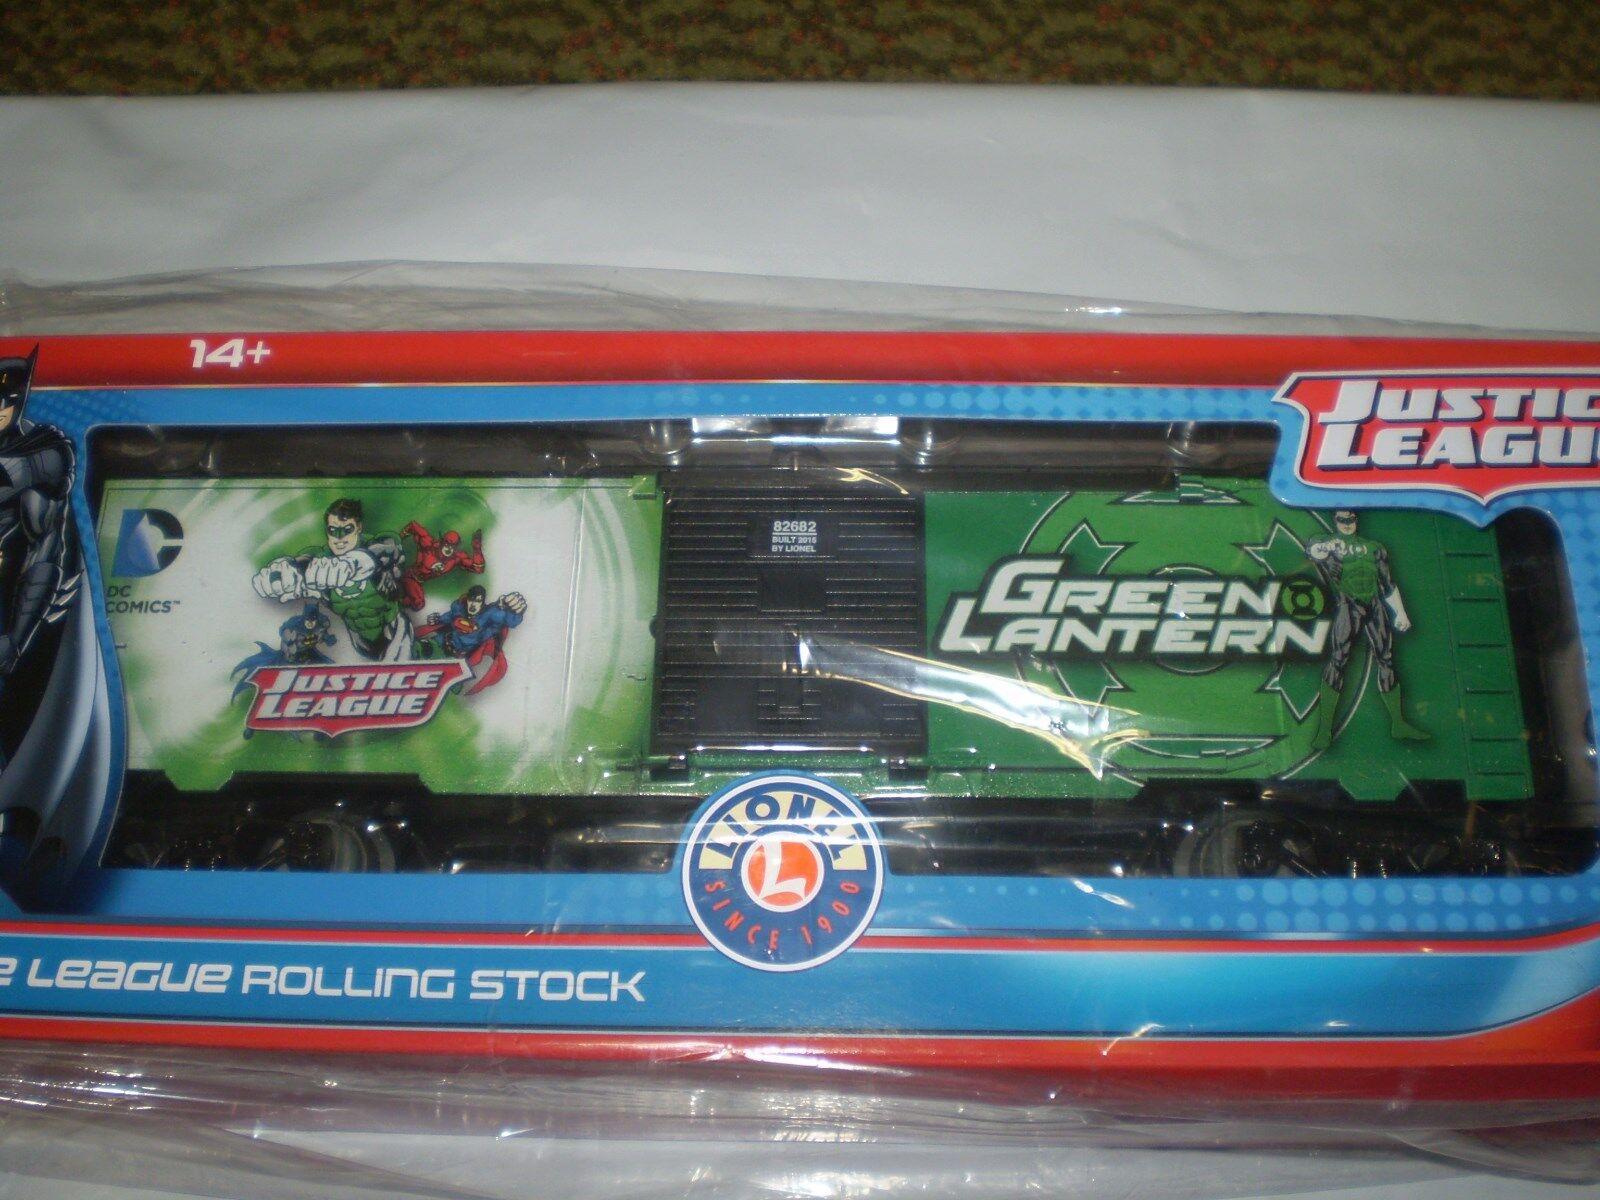 Lionel 6-82682 verde Lantern Justice League material rodante Nueva Nueva En Caja O escala